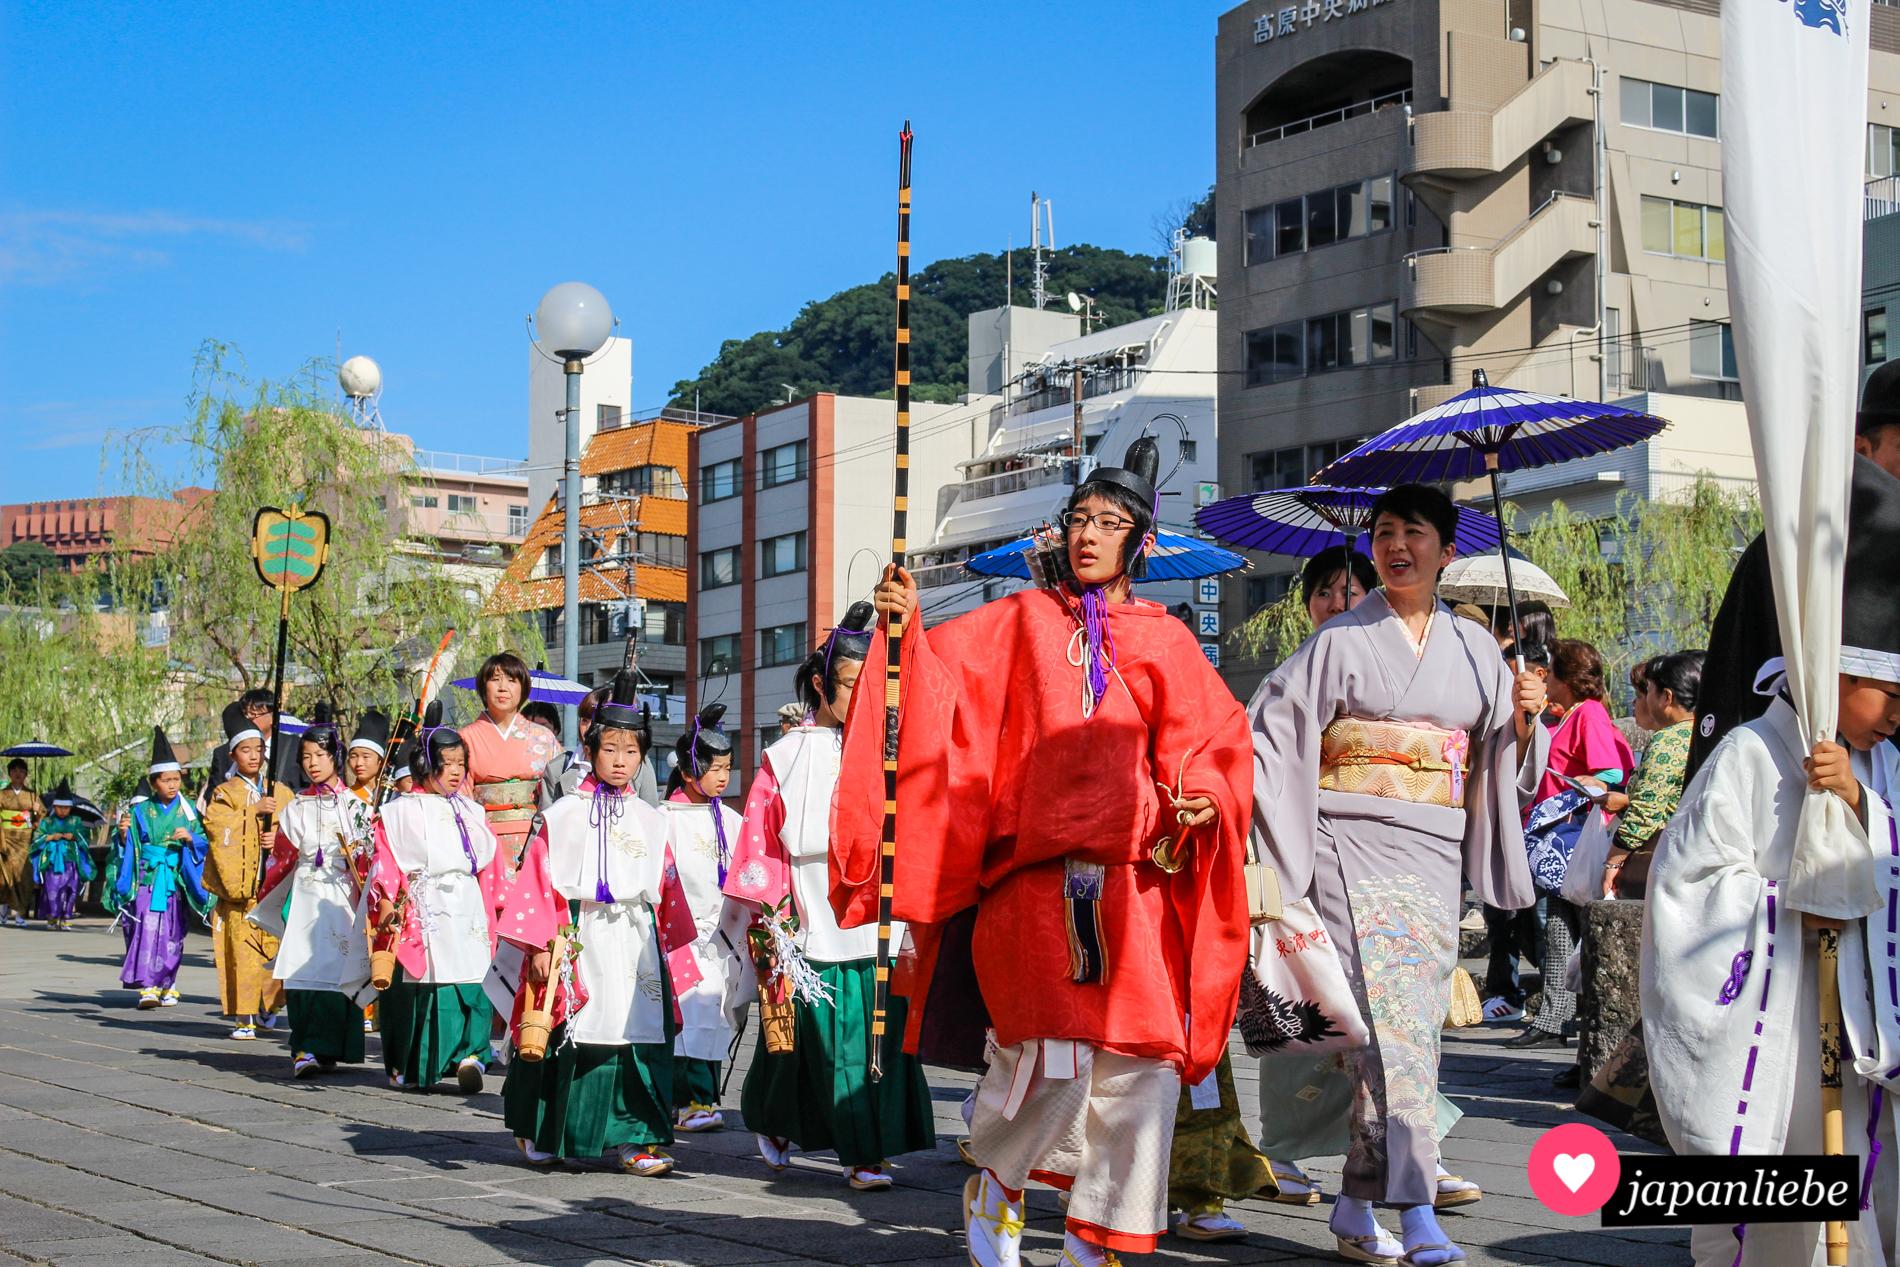 Ein Fest für Liebhaber traditioneller Kleidung.